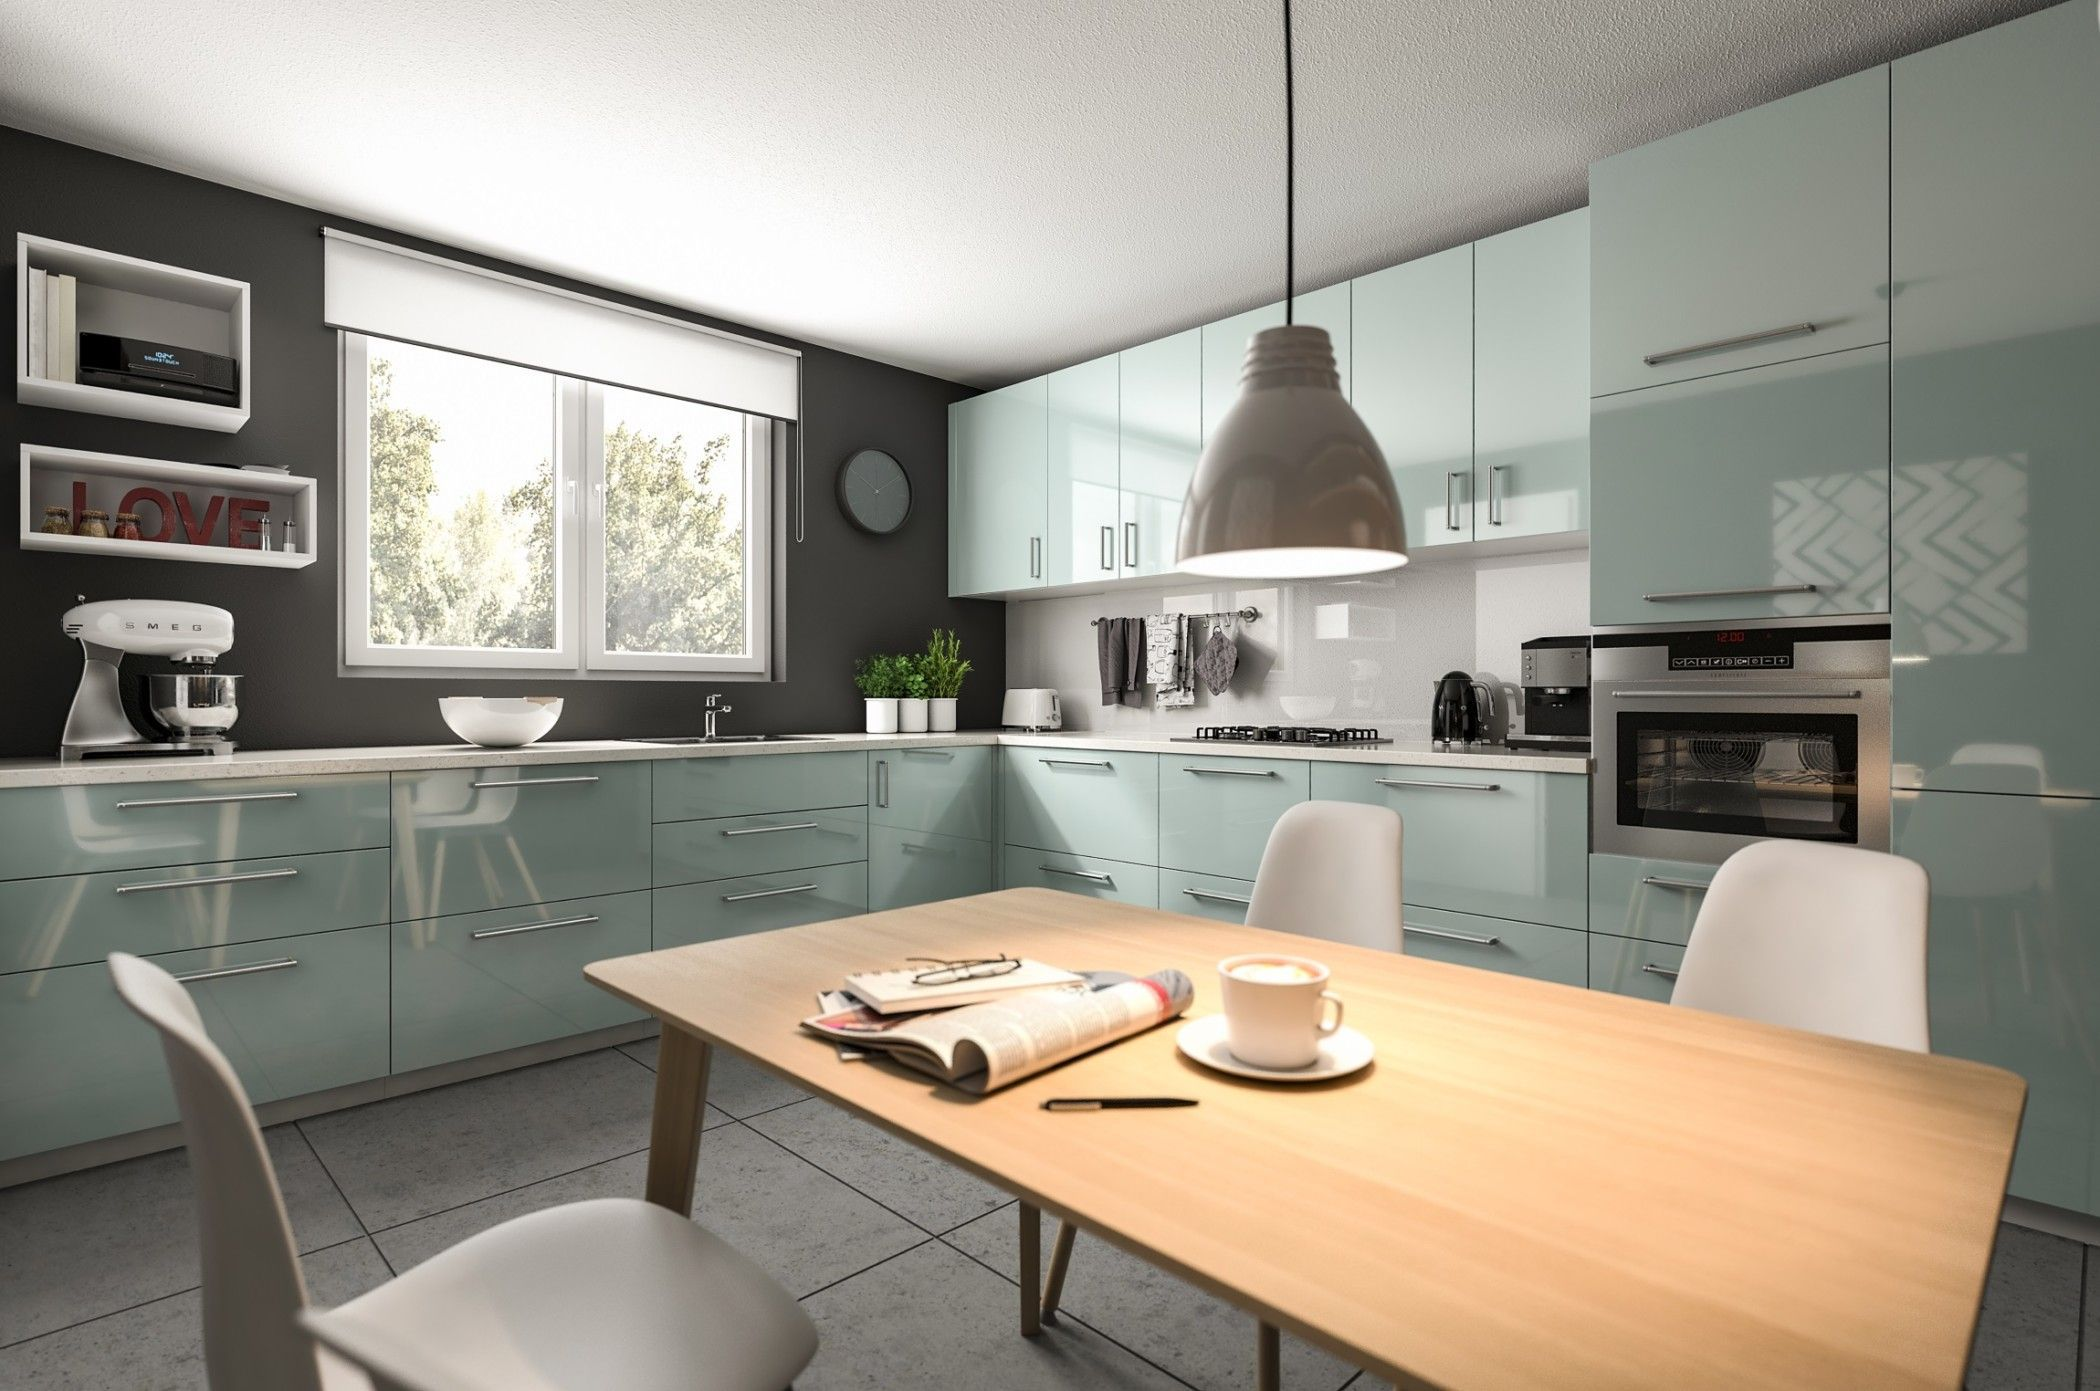 Küche modern einrichten mit Esstisch aus Holz Küchen